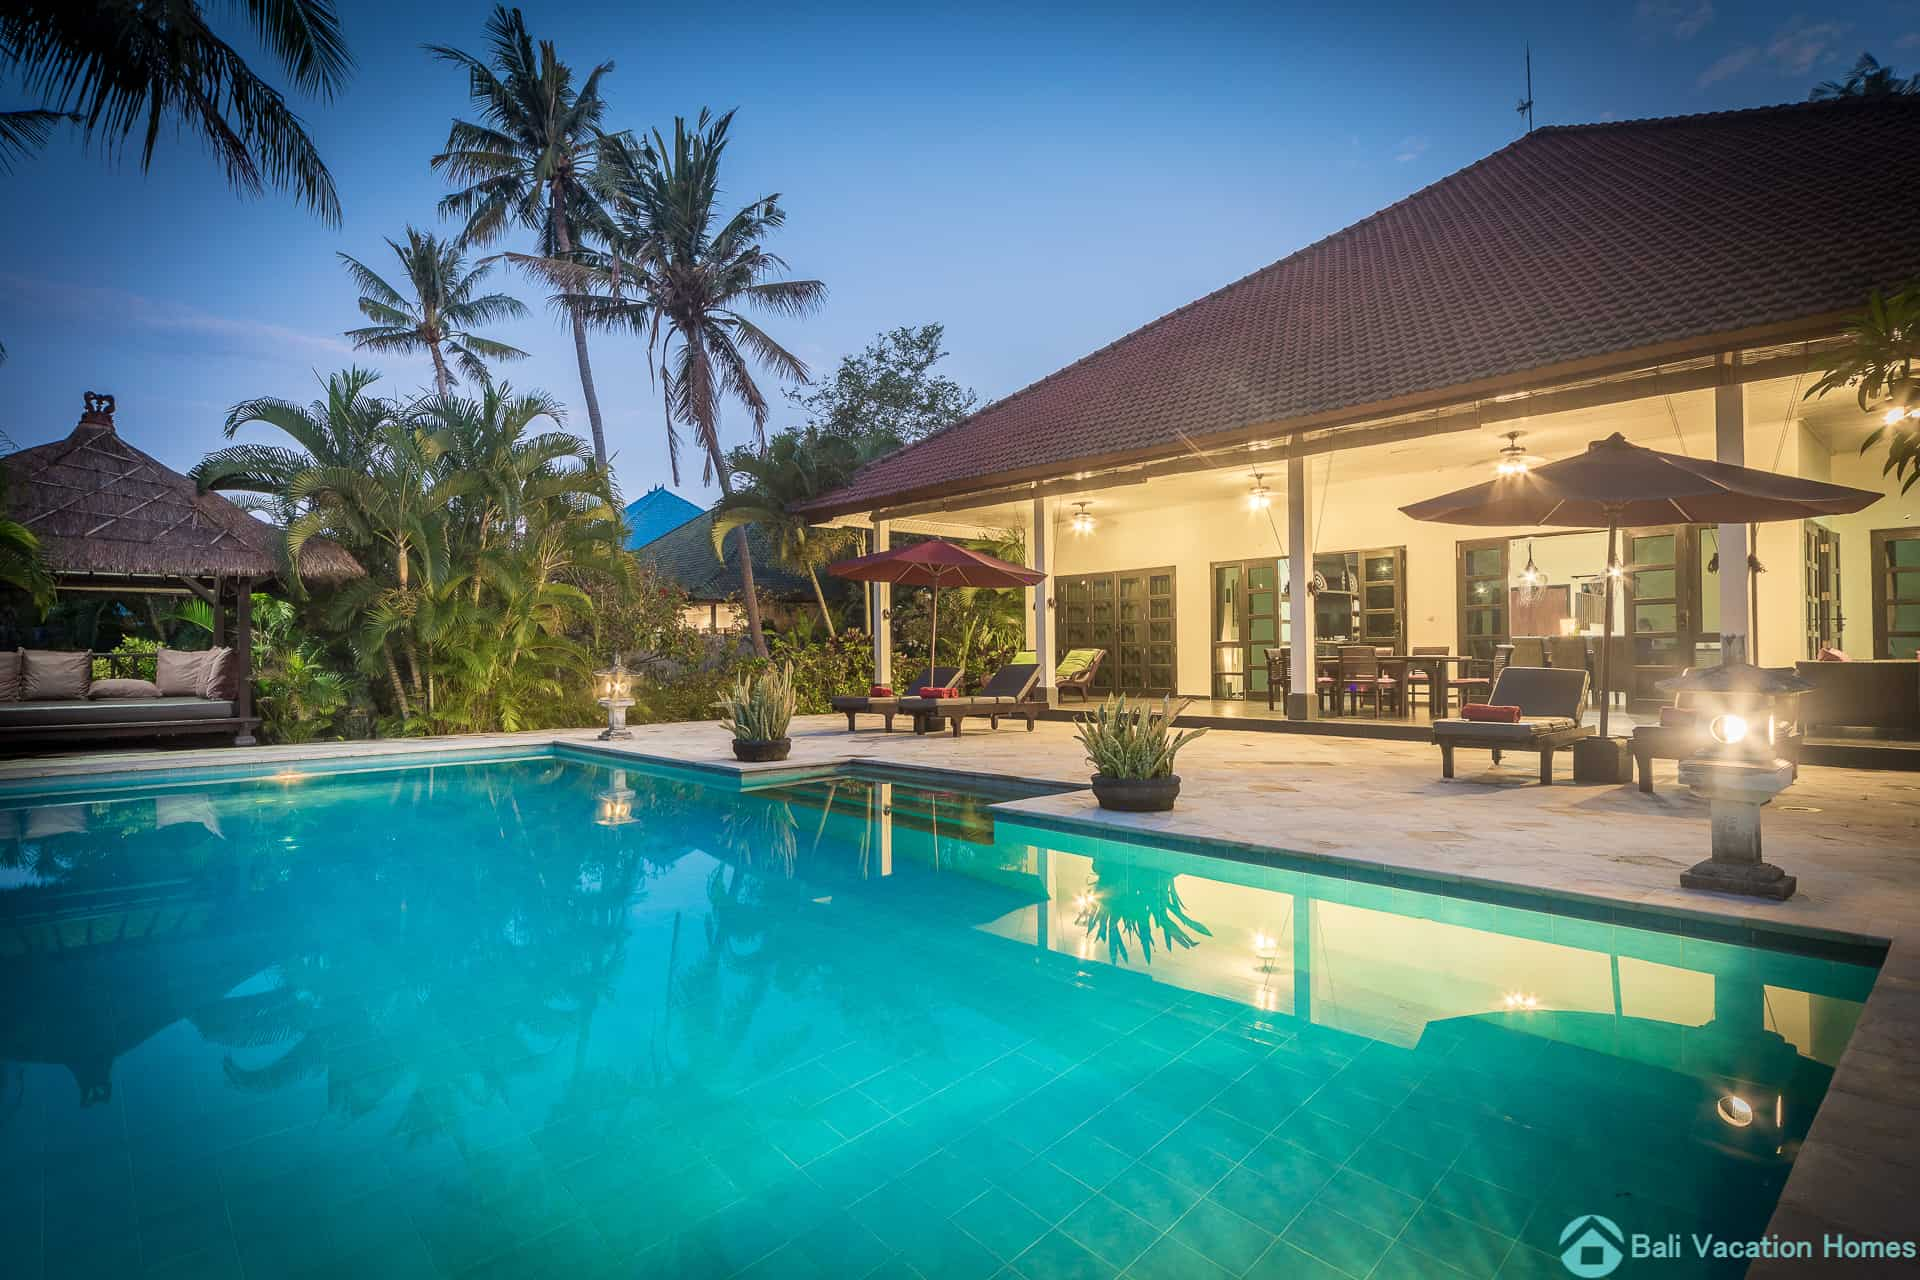 villas burung bali vacation homes